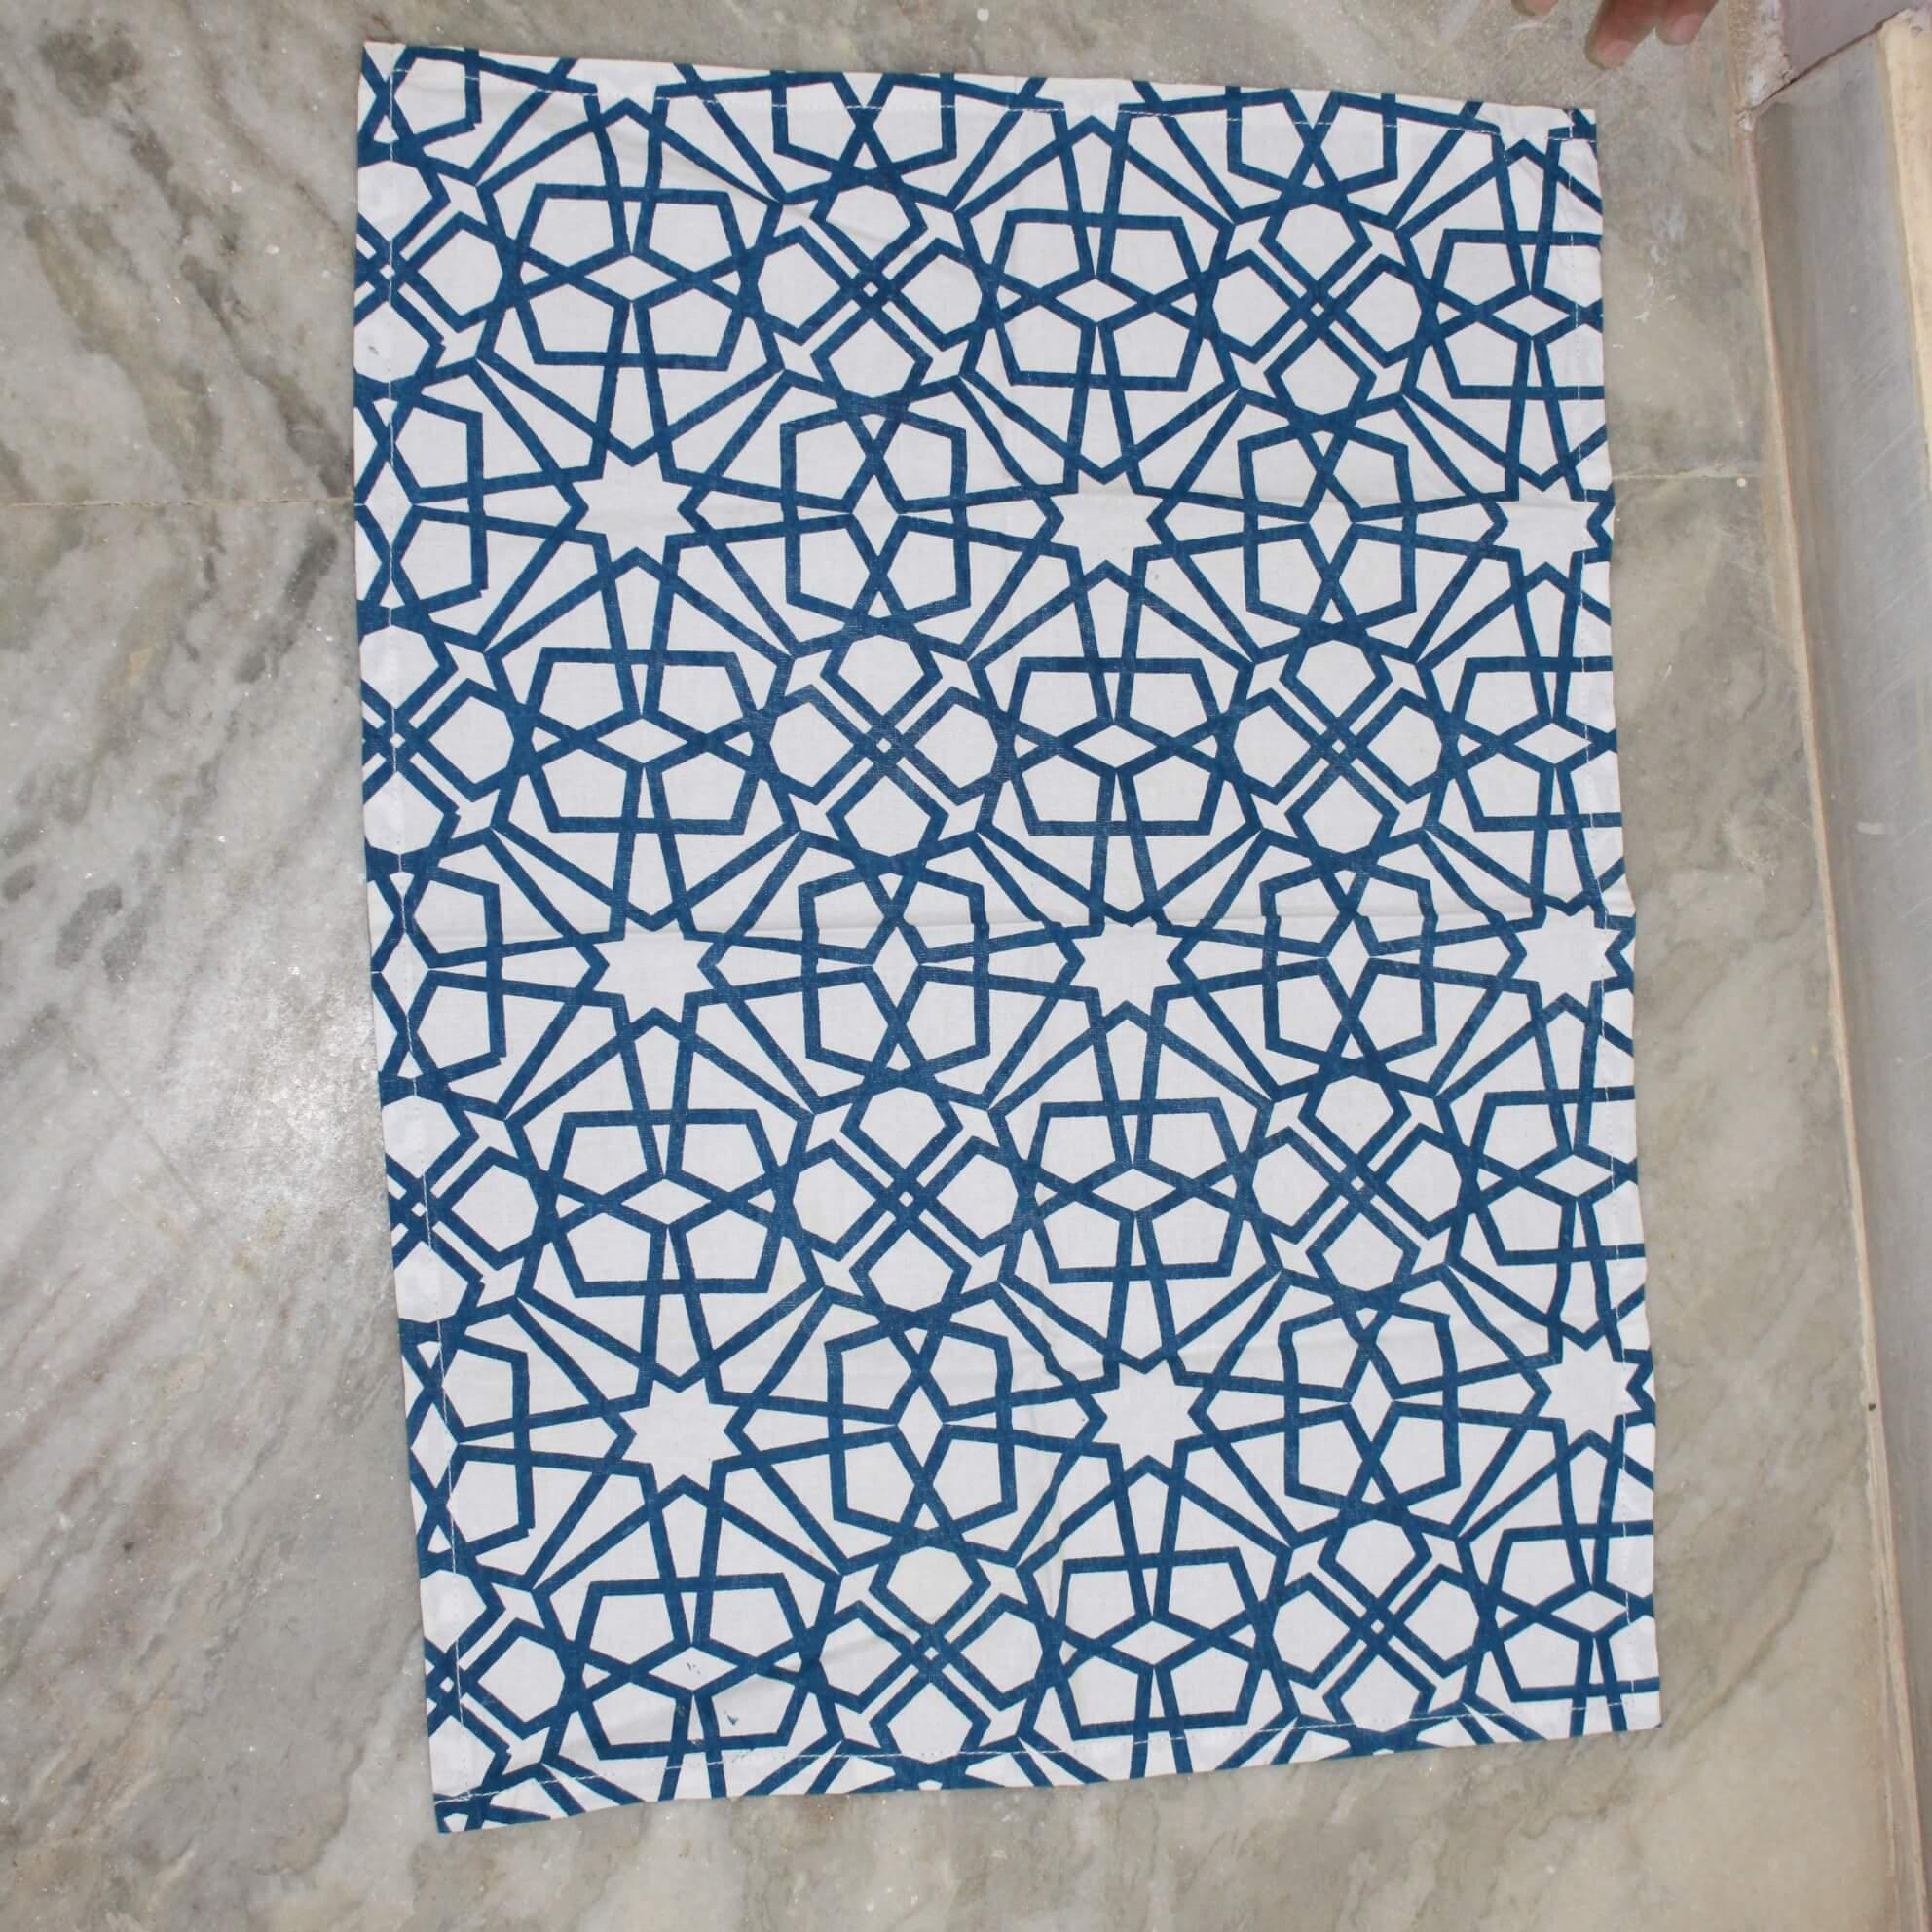 Towel 21(Main Image)